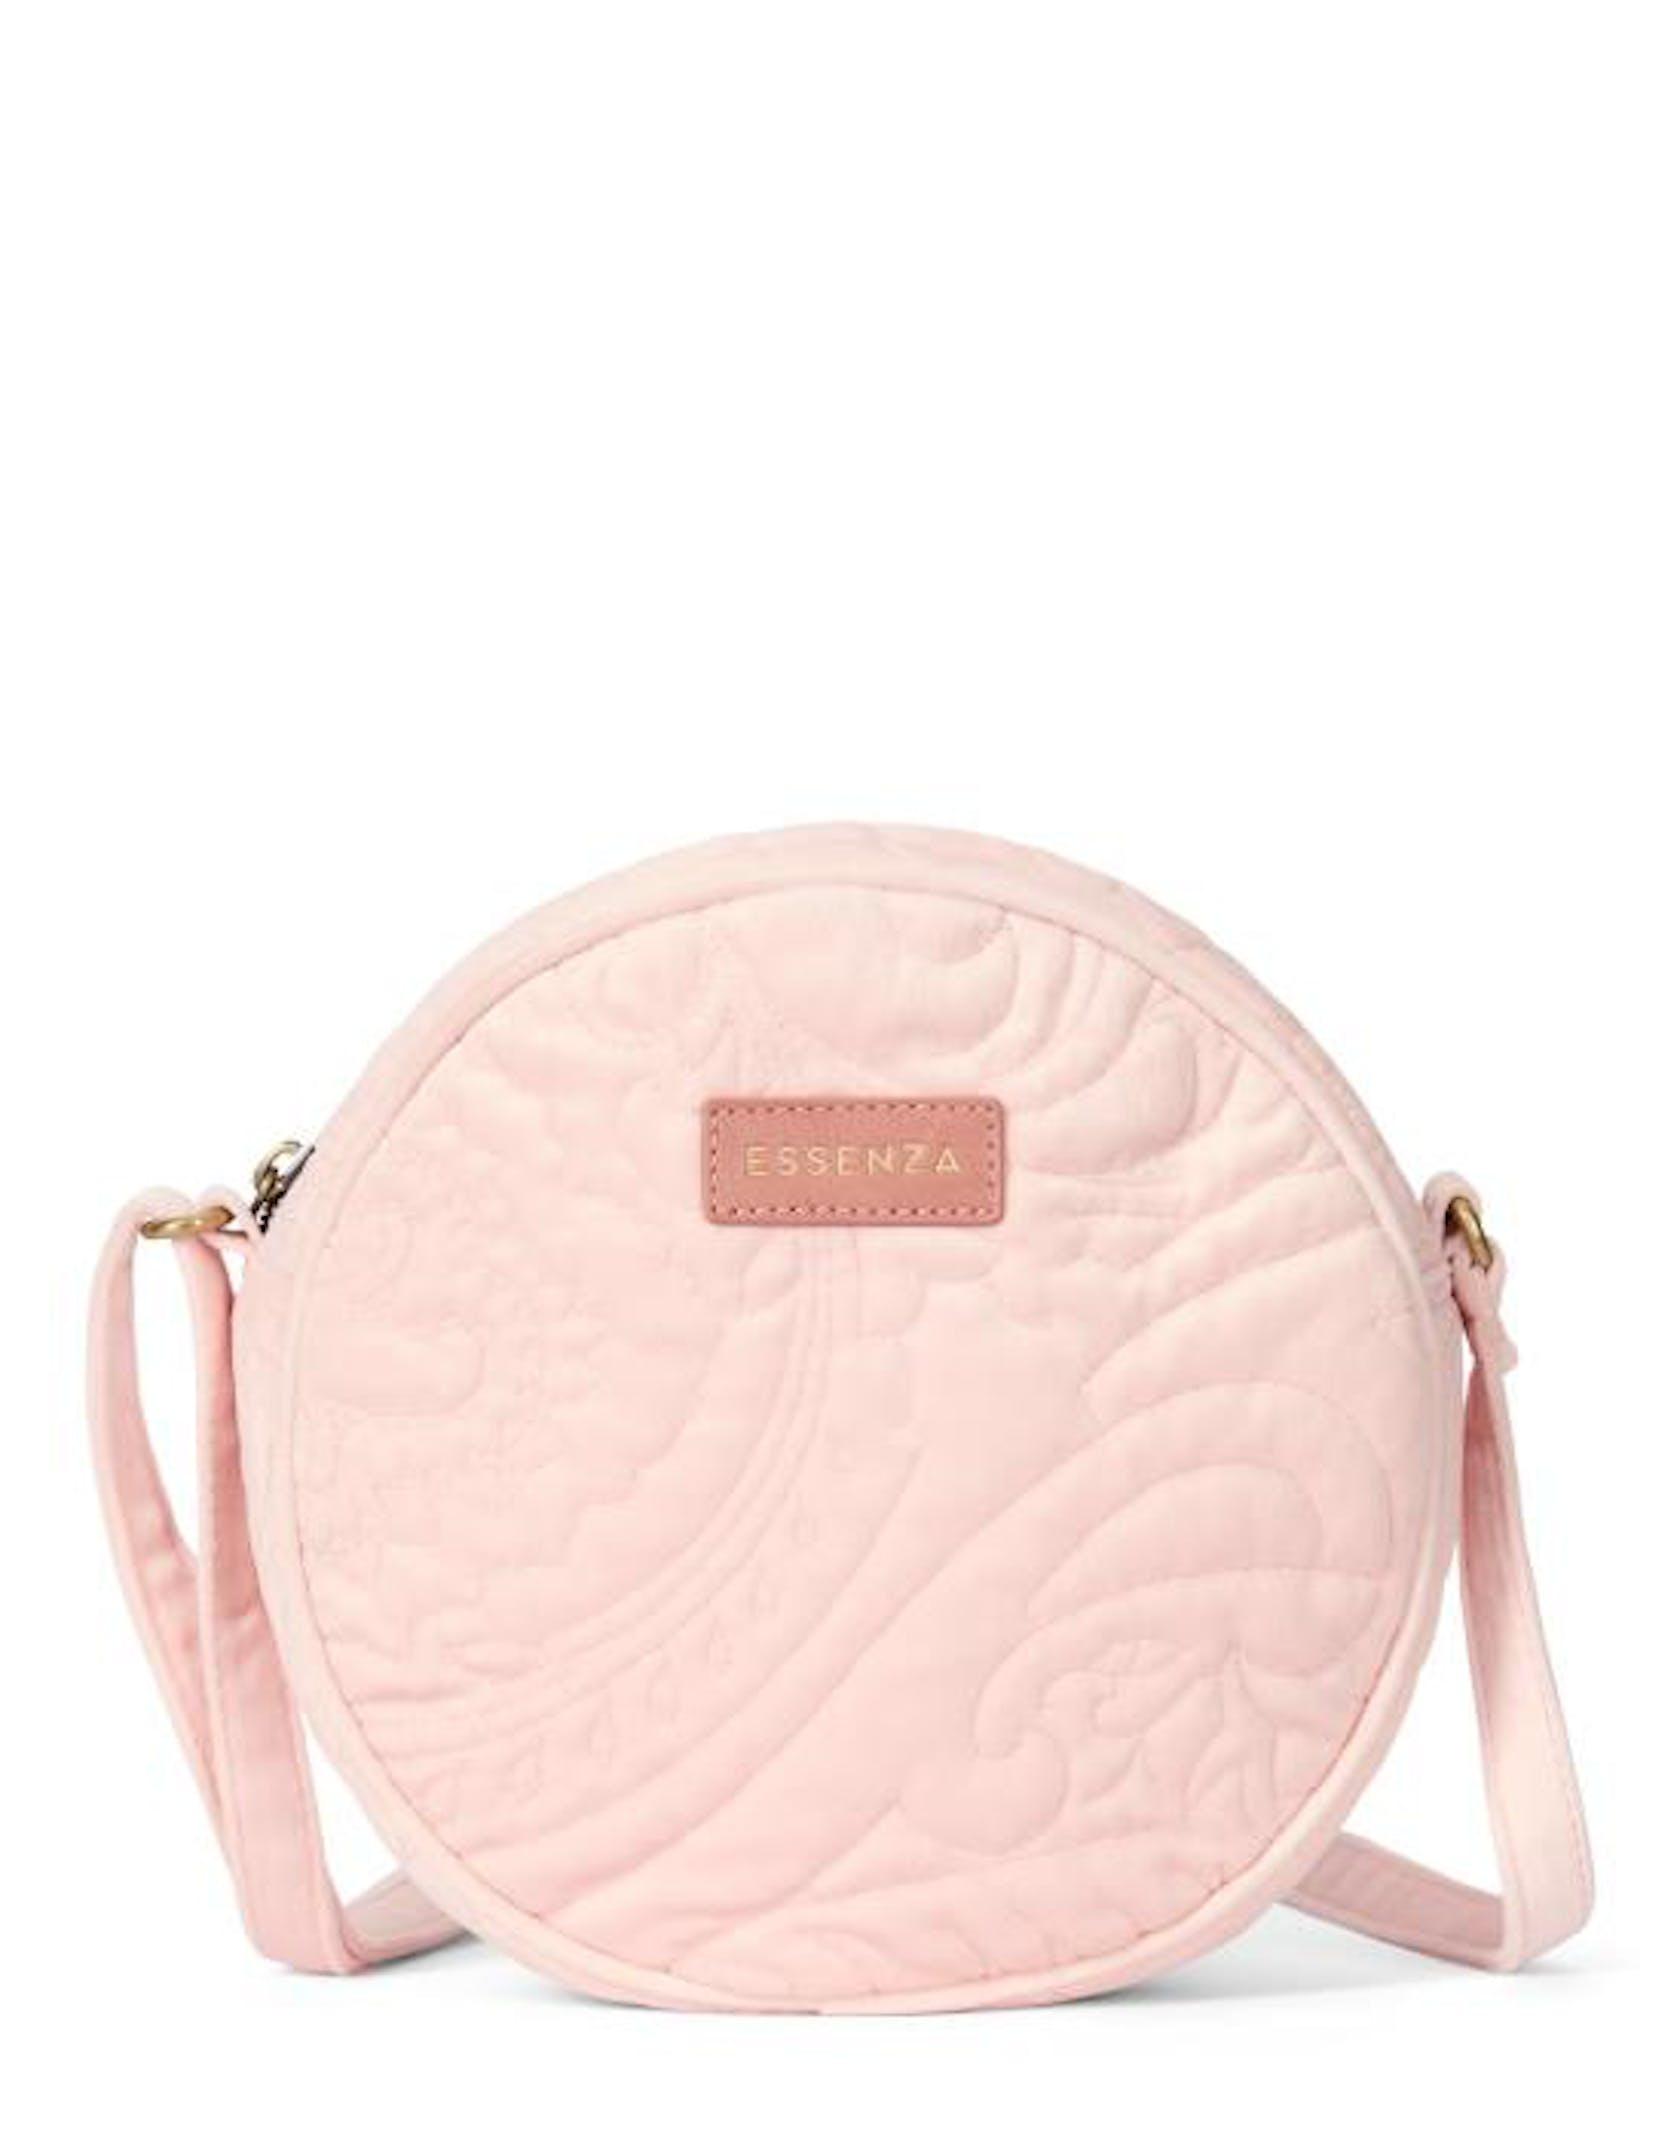 ESSENZA Reese Velvet  Shoulder Bag Blush